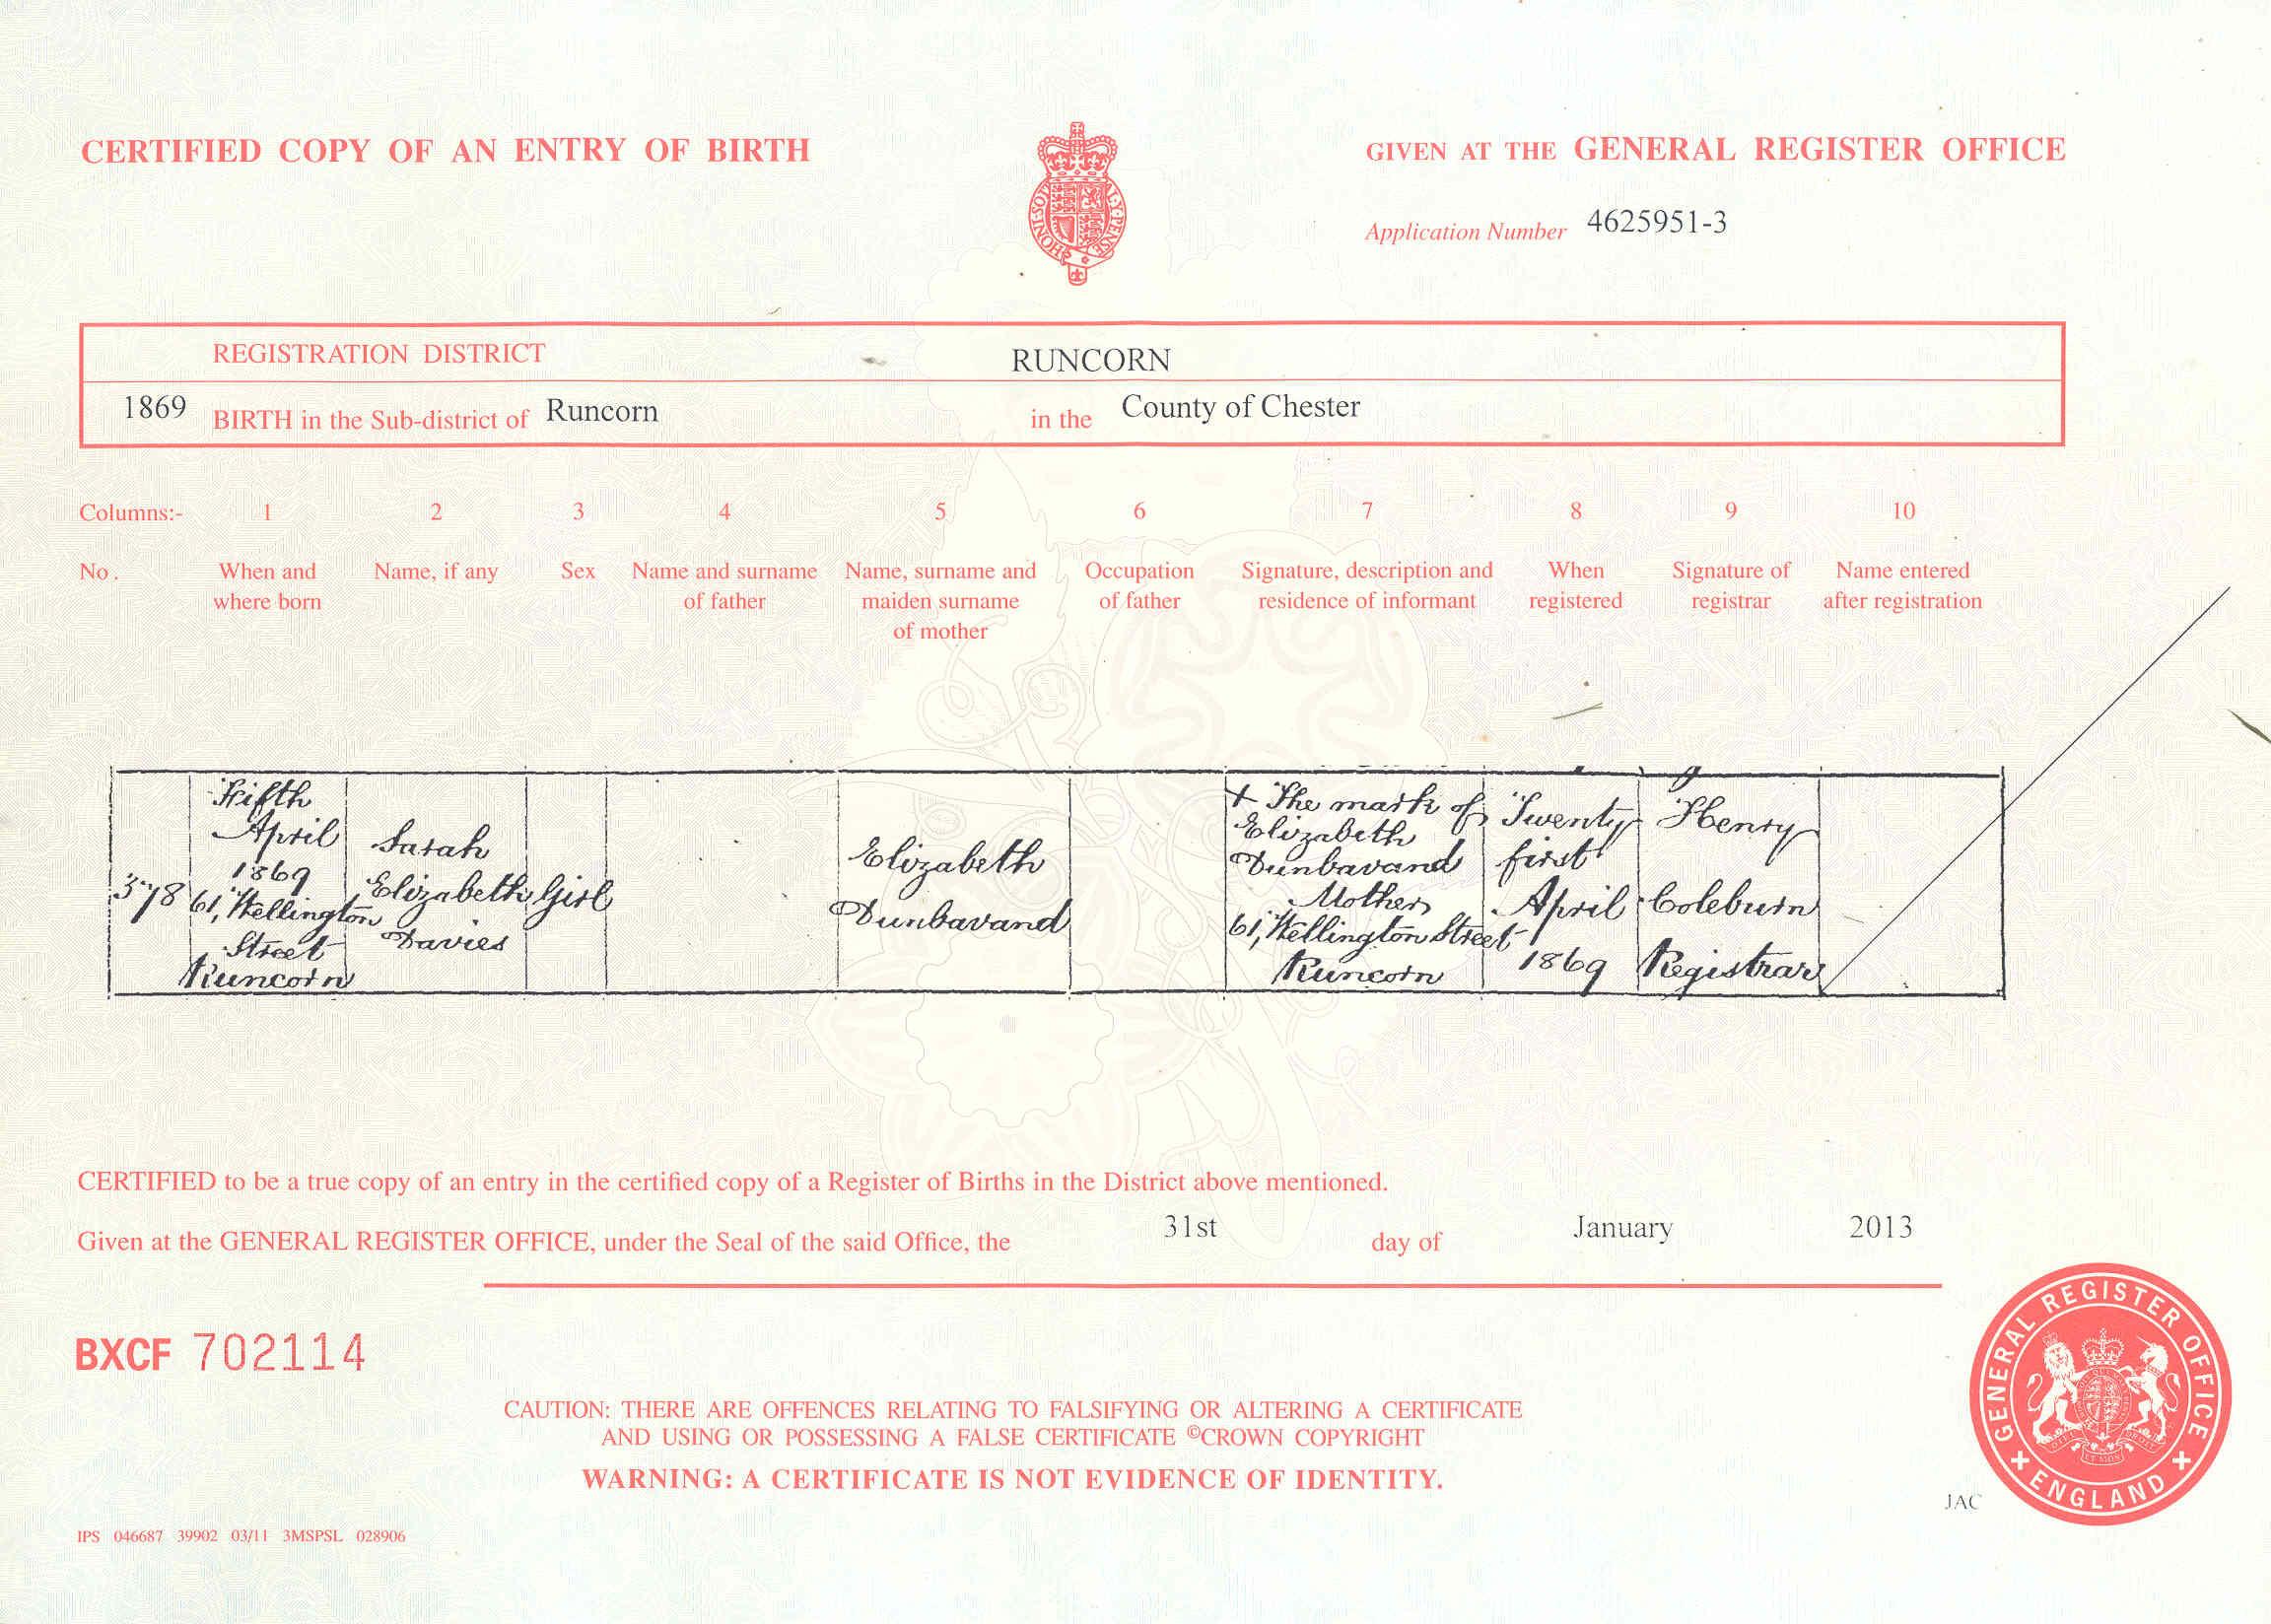 Donbavand certificates dunbavand sarah elizabeth davies birth 1869g aiddatafo Choice Image